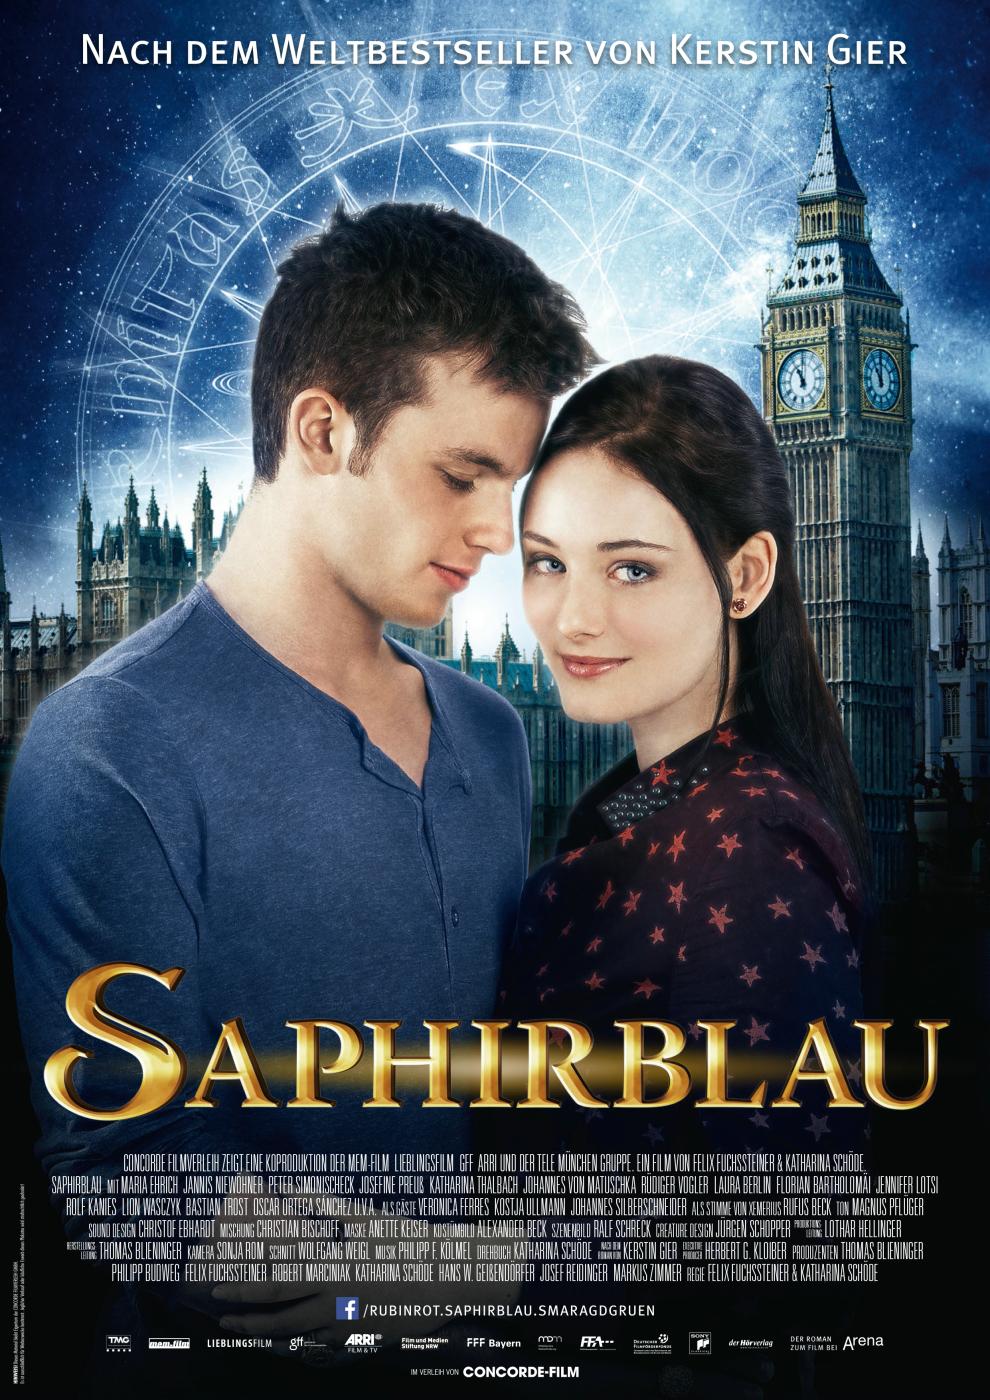 Saphirblau Film Online Schauen